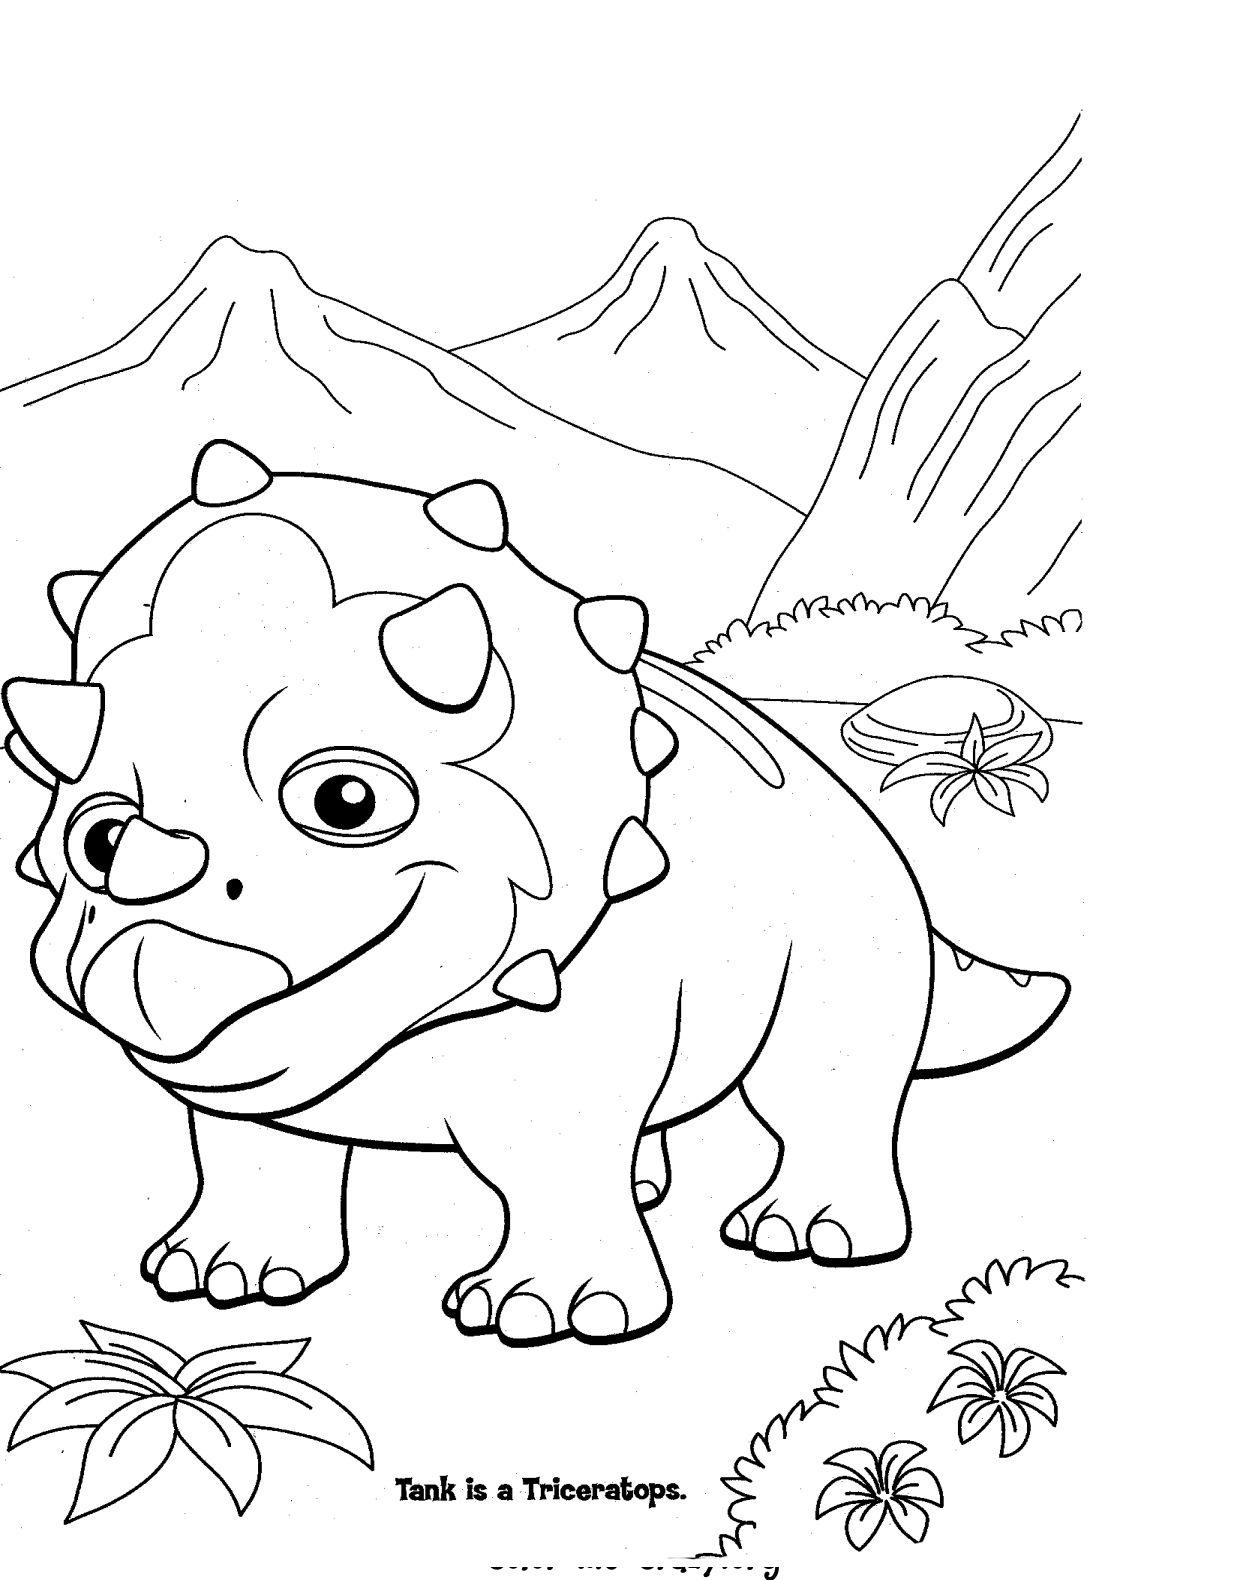 dino coloring page colormecrazyorg dinosaur train coloring pages dino page coloring